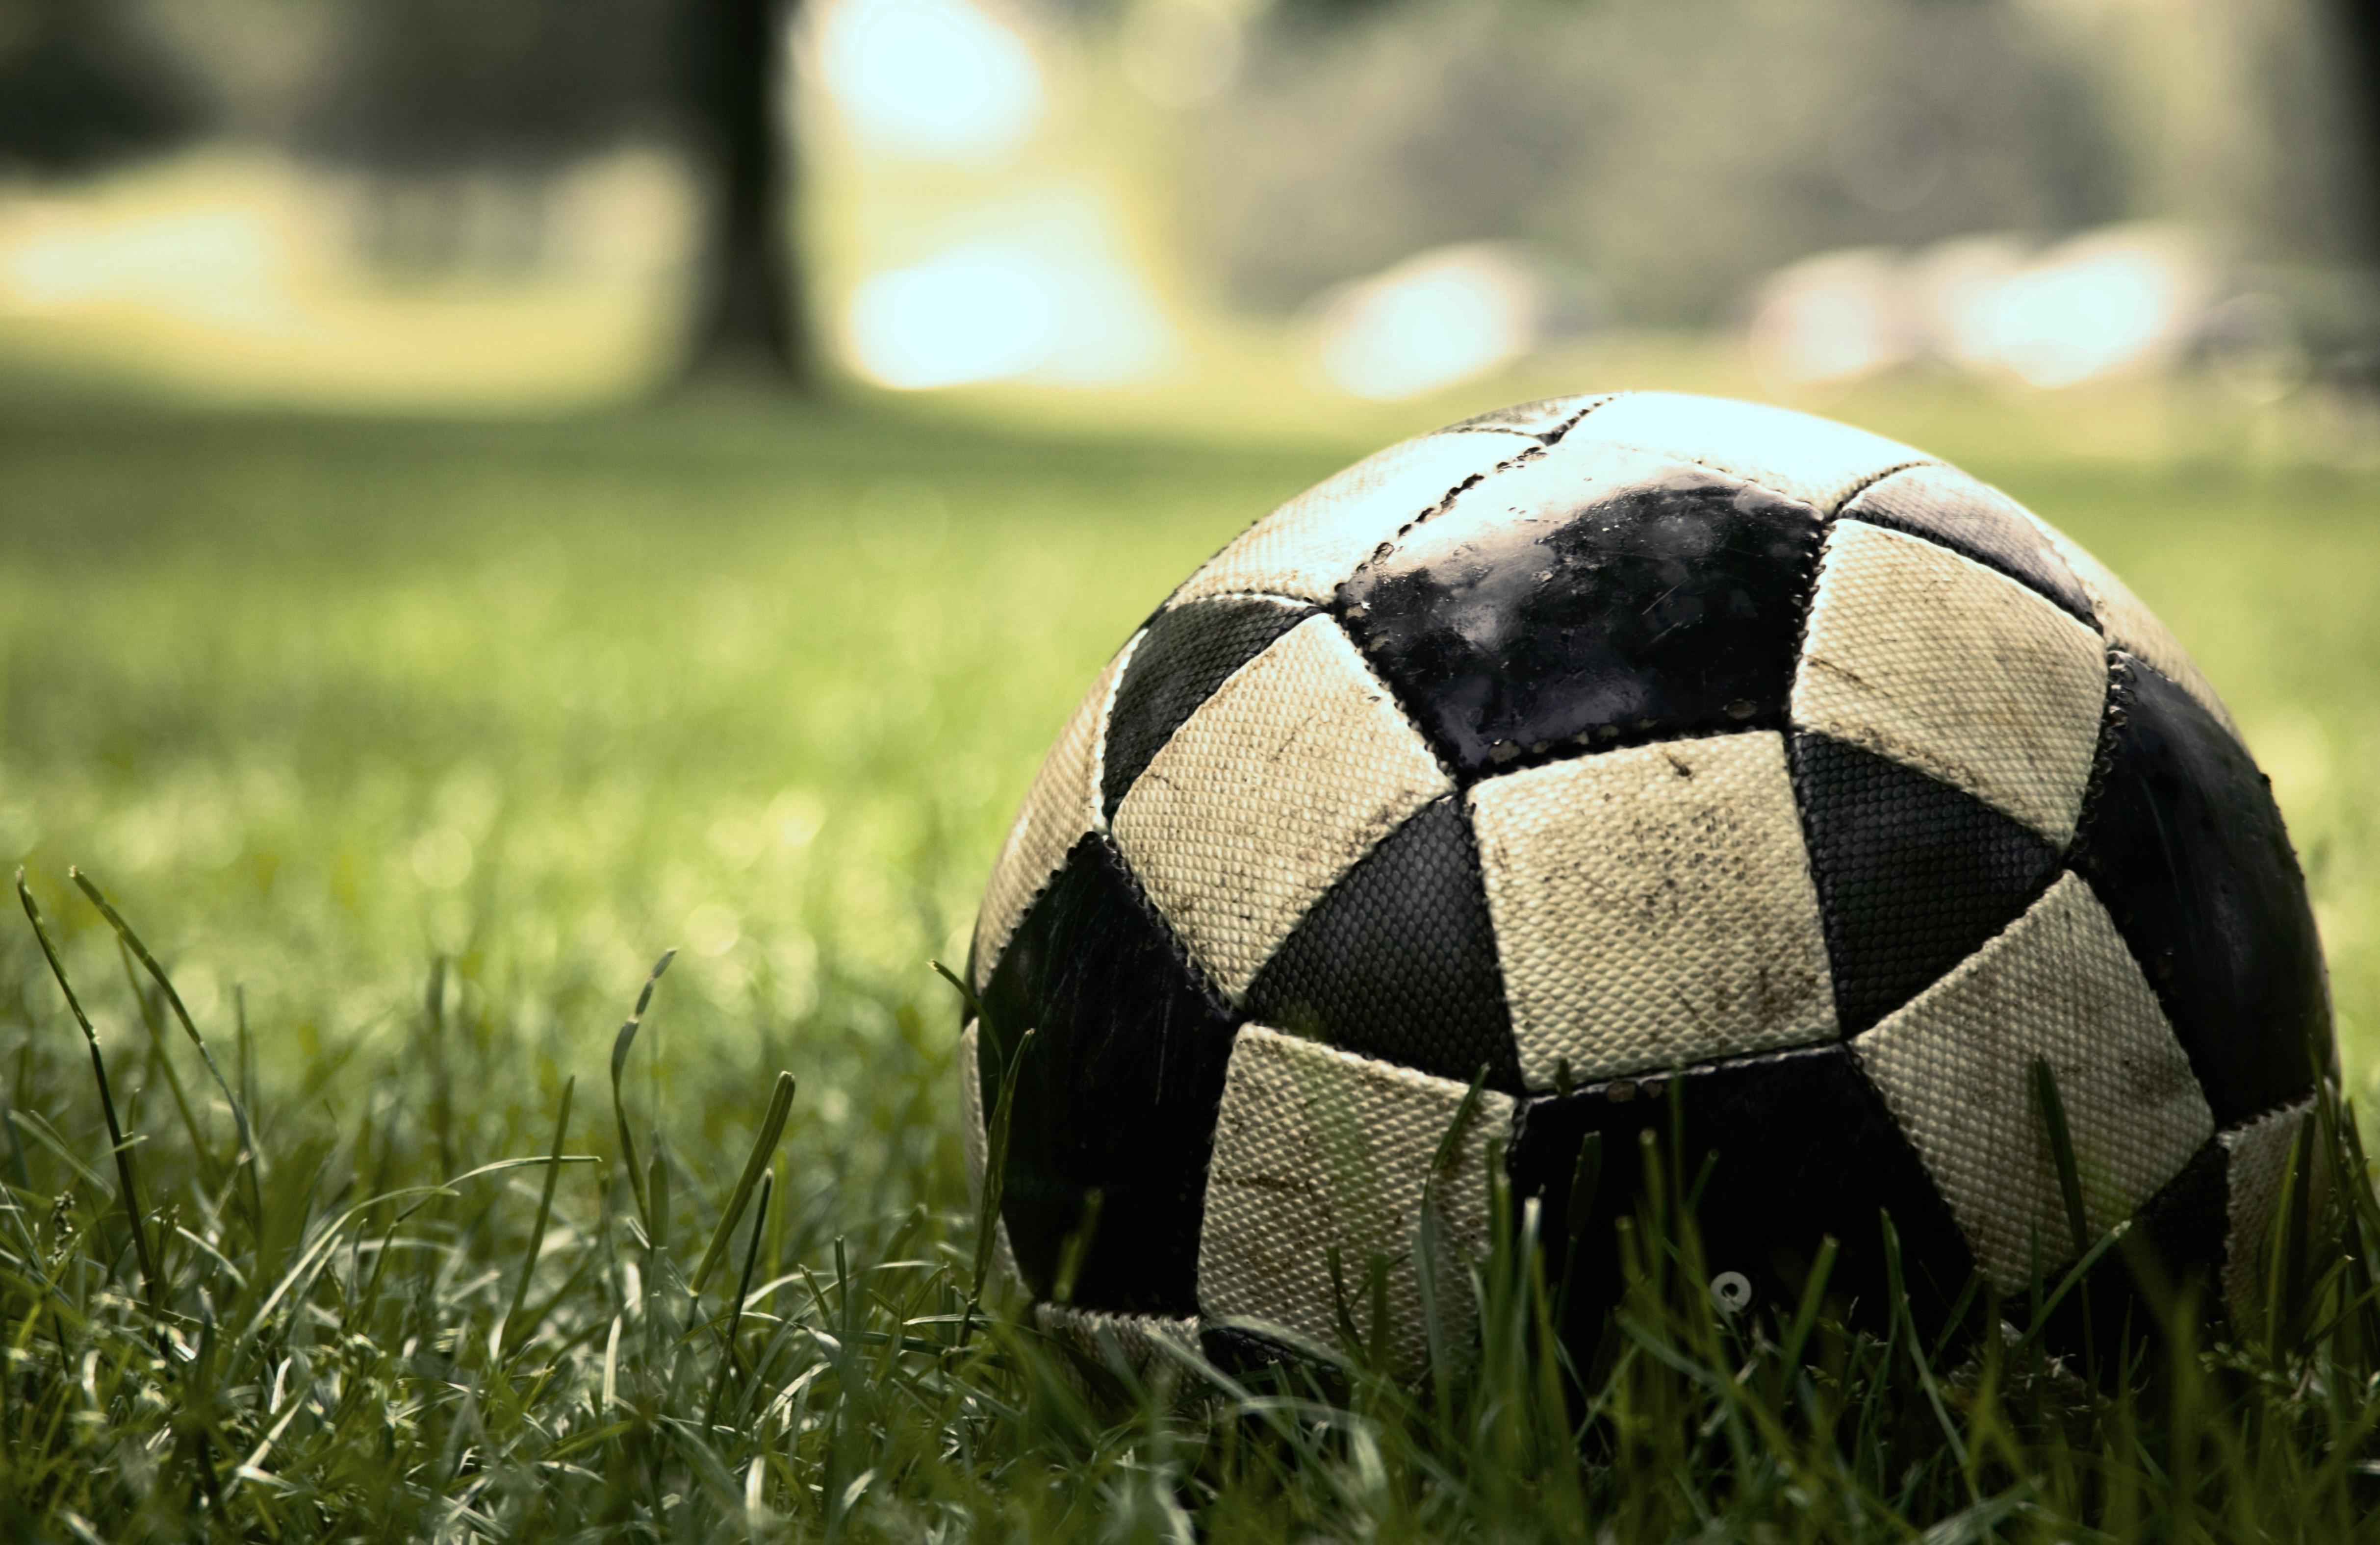 Мяч в сетке  № 1365547 бесплатно